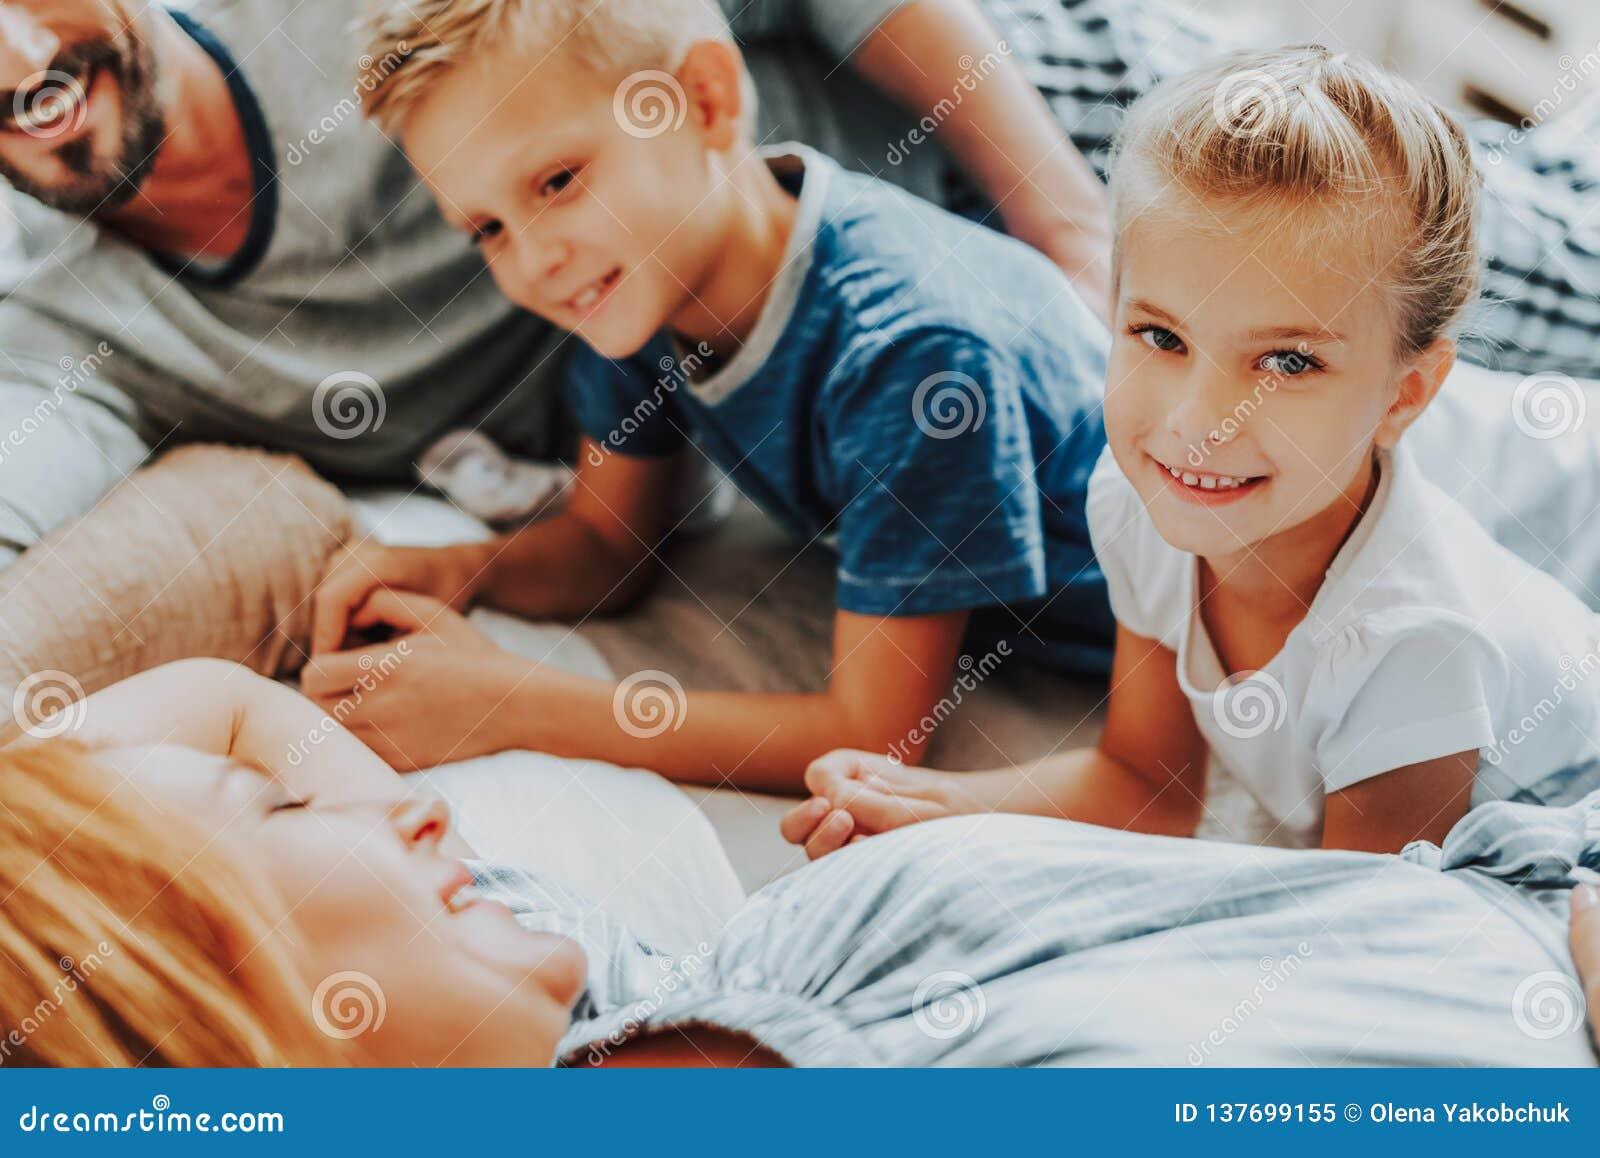 Κλείστε επάνω το ευτυχή κορίτσι και το αγόρι με τους γονείς στο κρεβάτι